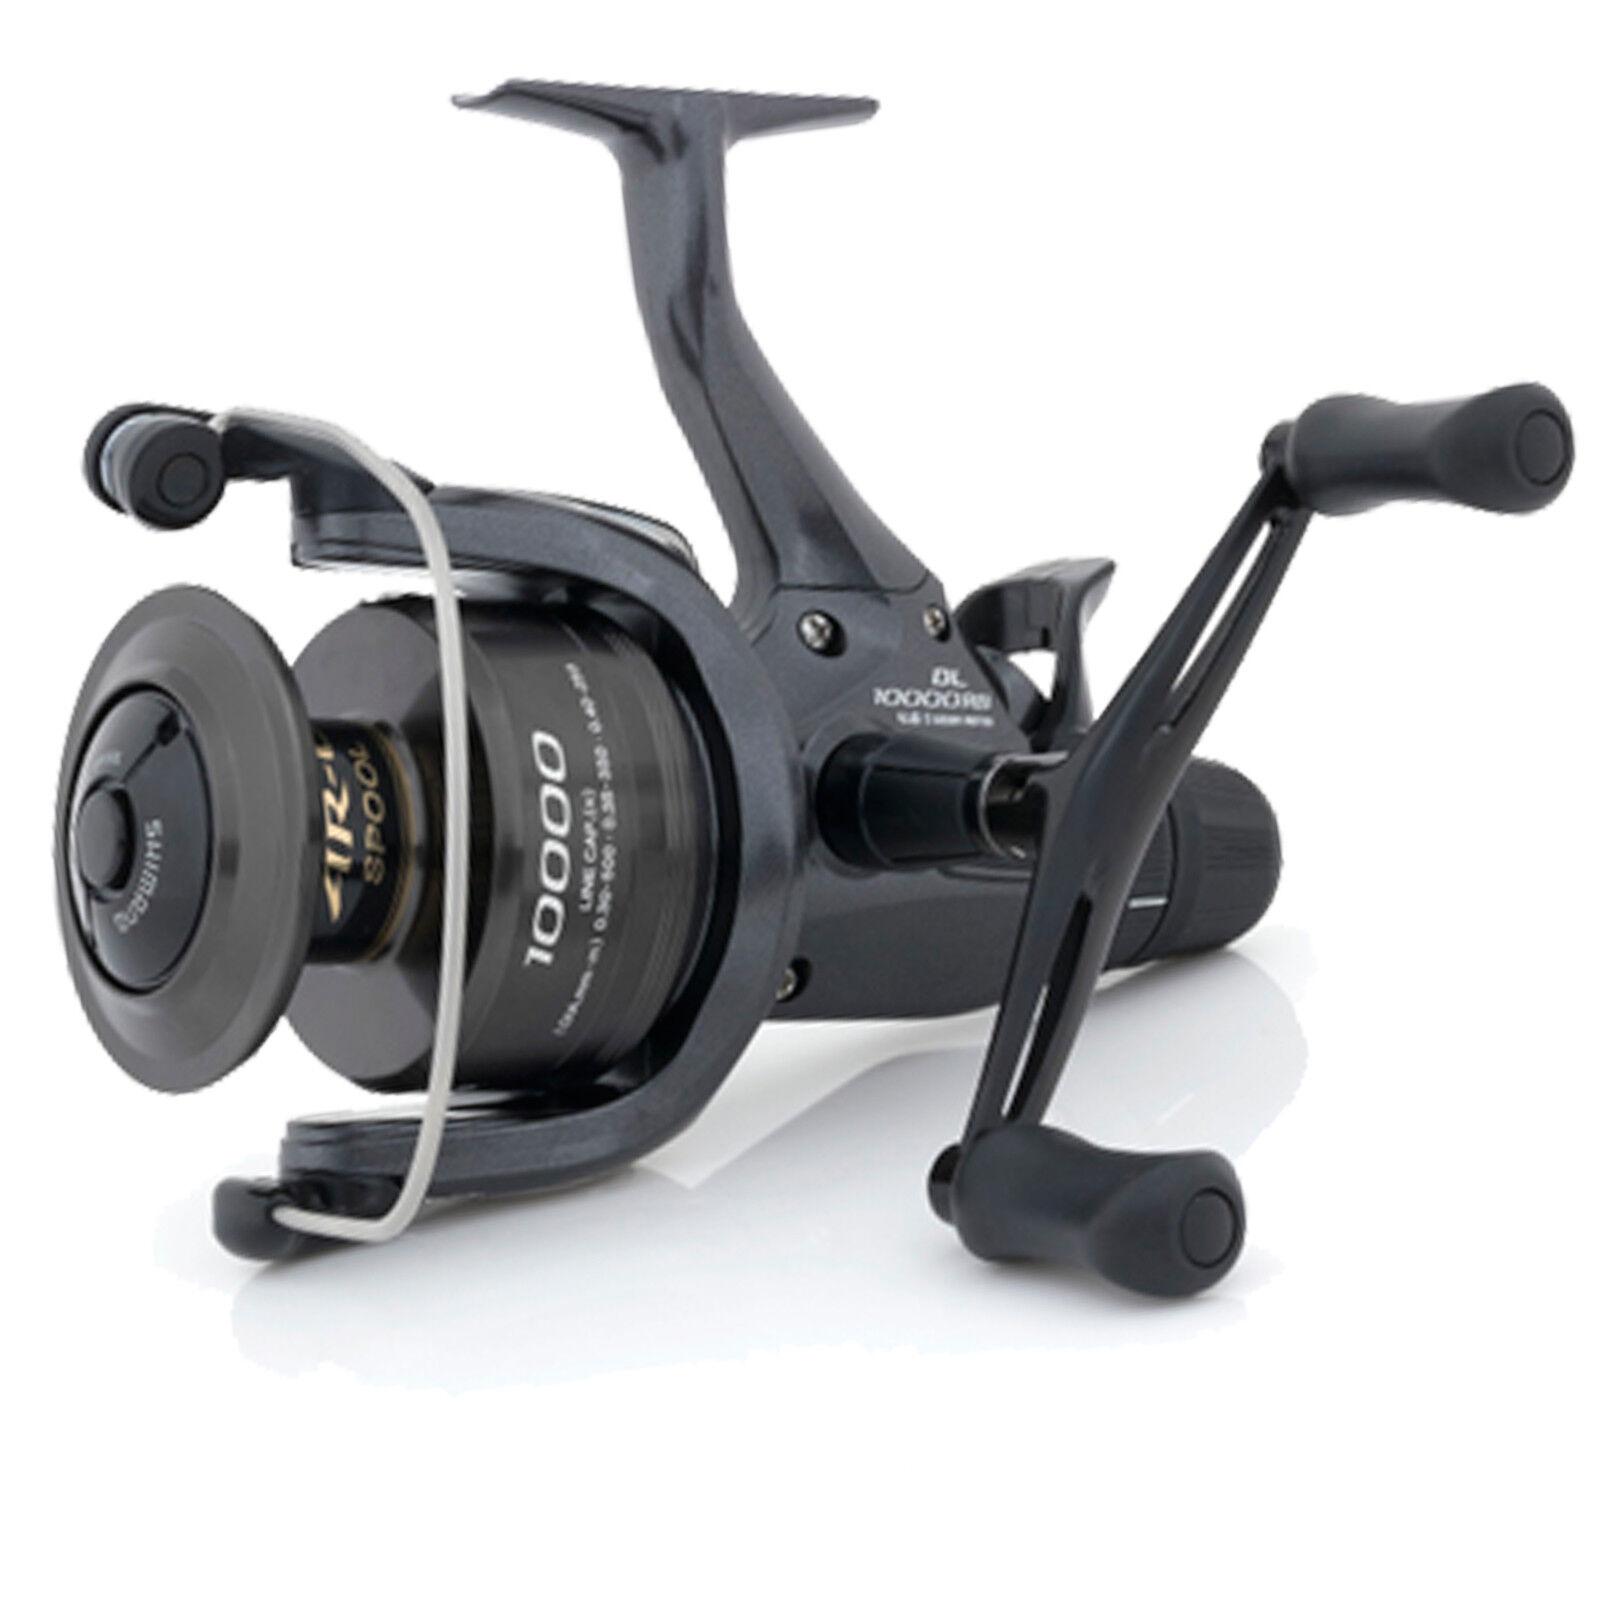 Shimano carrete libre pesca carrete pesca Carpa carrete - Baitrunner DL 6000 RB